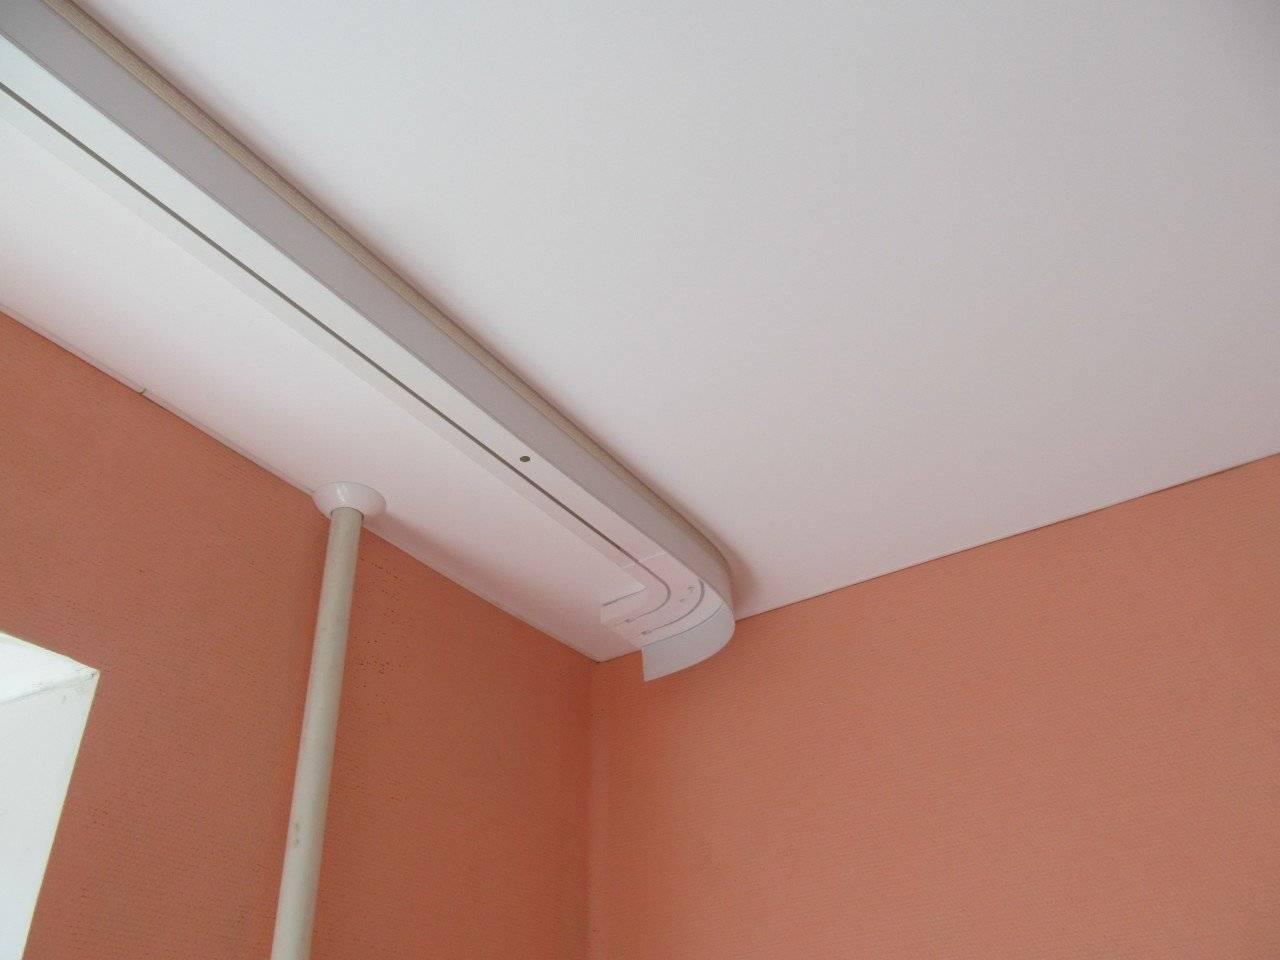 Как повесить гардину на натяжной потолок: способы установки, советы, фото